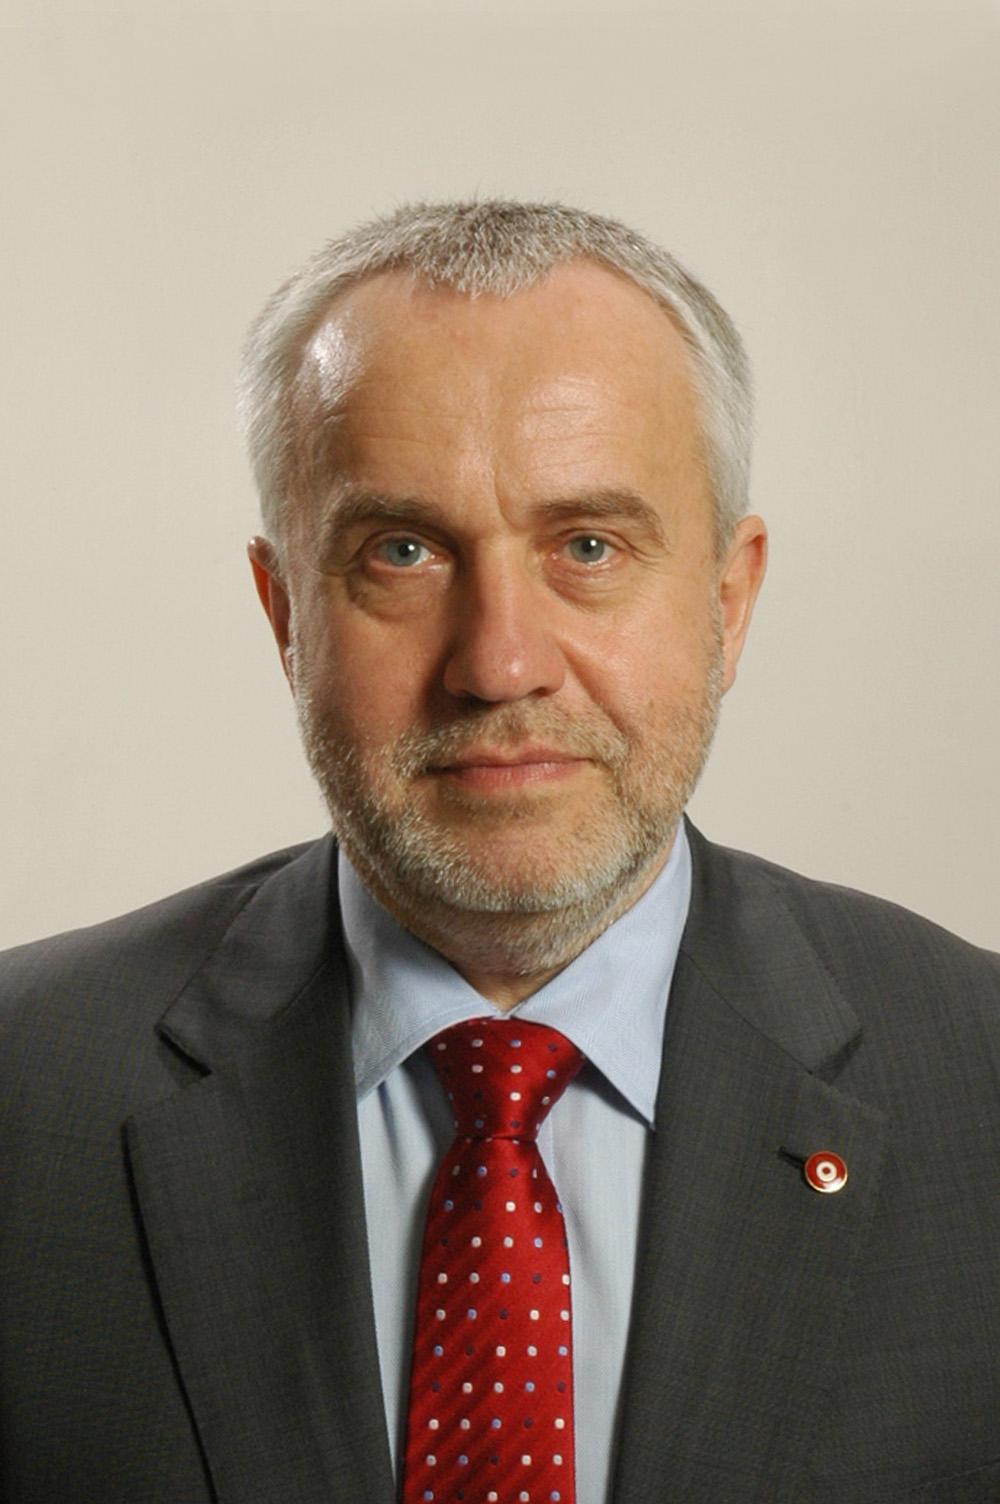 Andris Skele httpsuploadwikimediaorgwikipediacommonsee